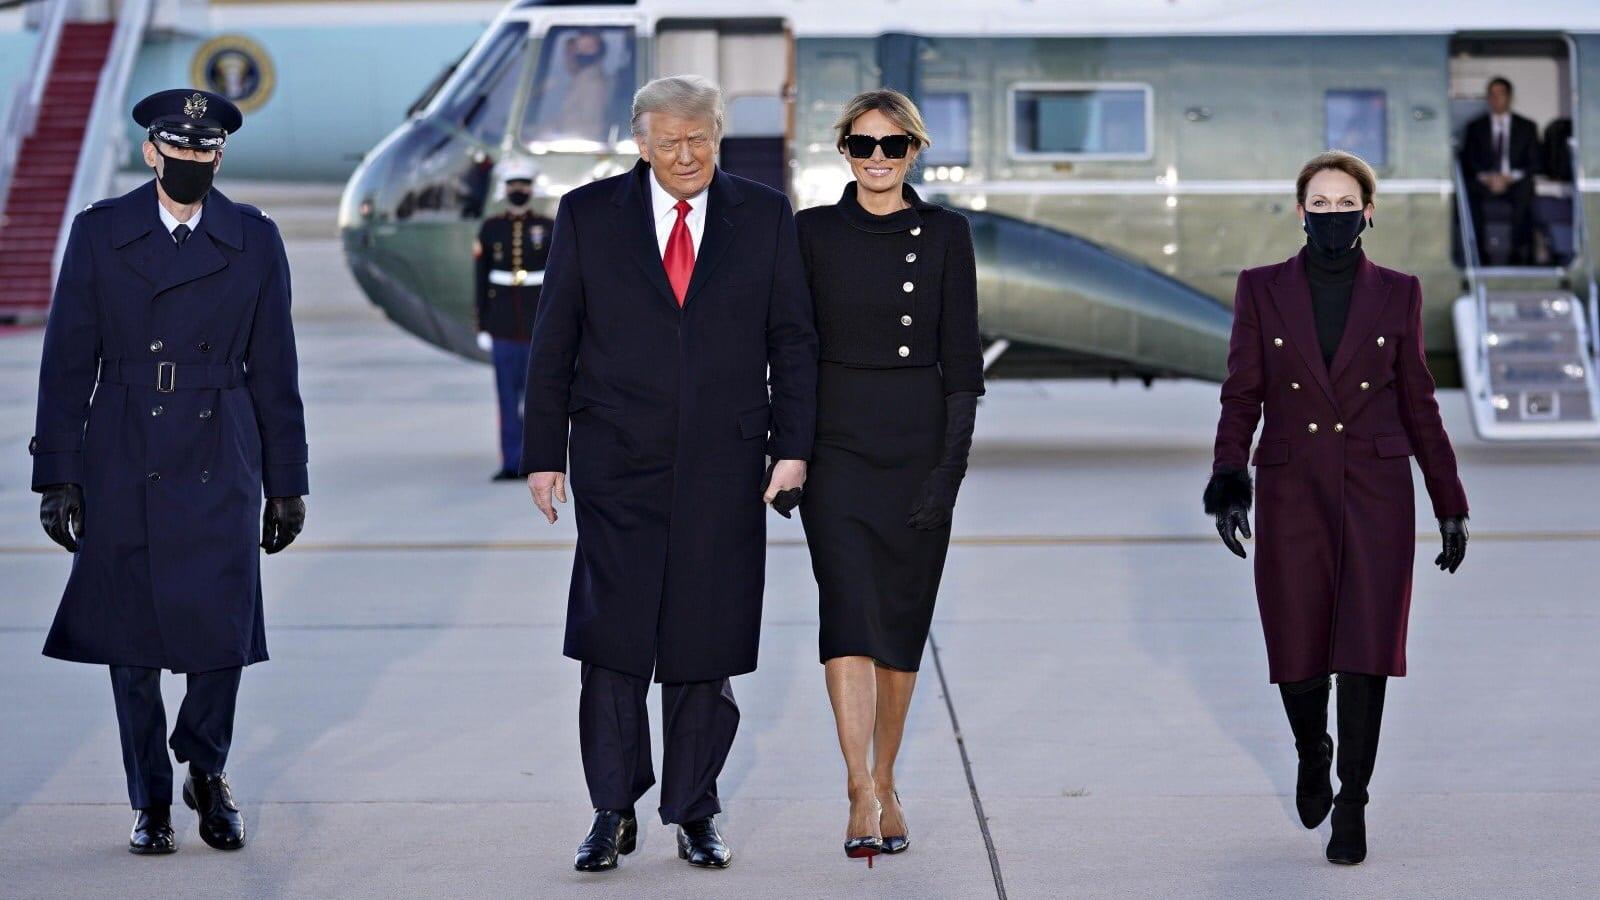 AscoltiTV 20 gennaio 2021 · Juventus vd Napoli, Made in Italy, Chi l'ha visto?, Alice in Wonderland, l'insediamento di Biden alla Casa Bianca, GFvip